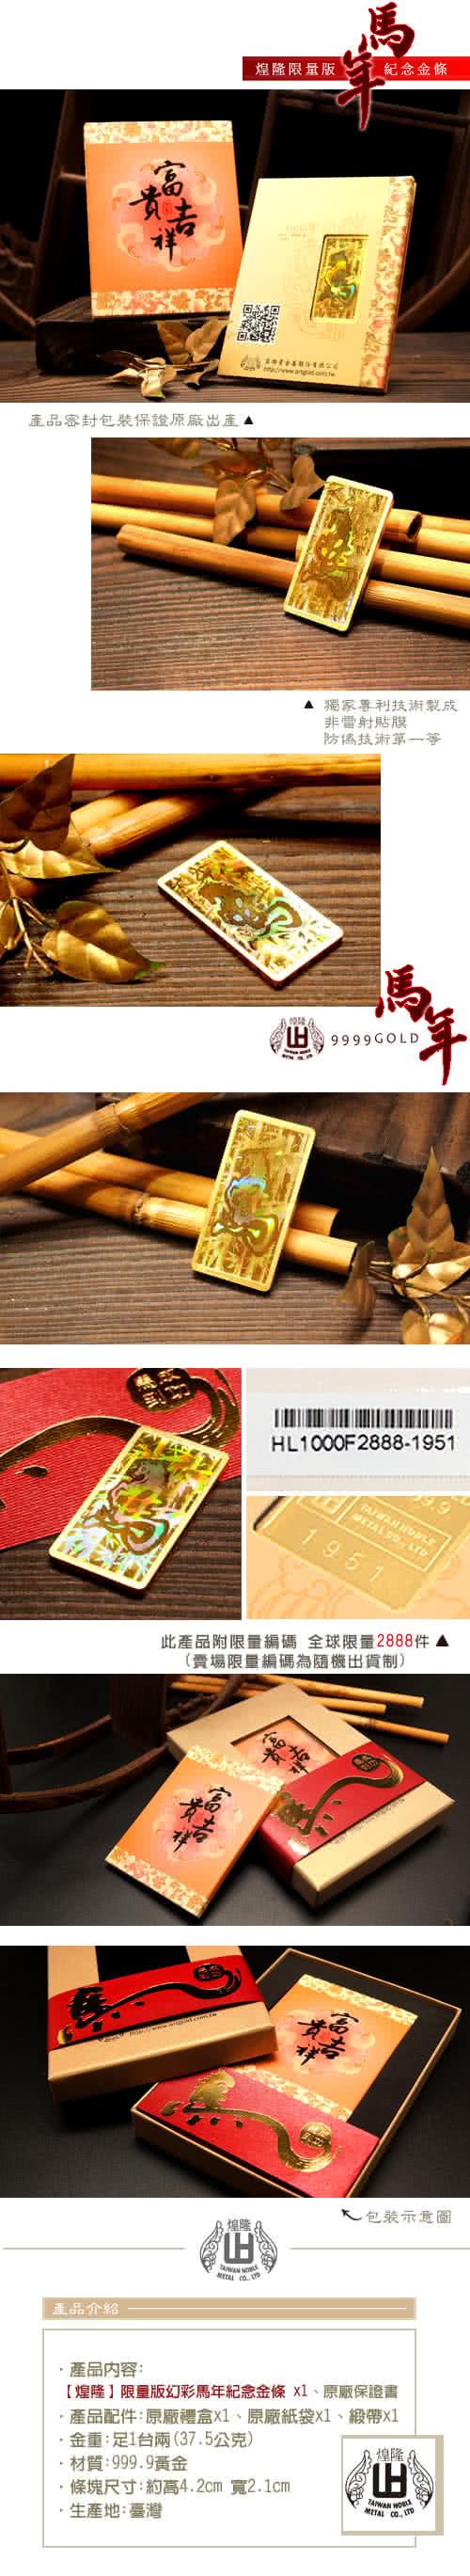 【煌隆】限量版幻彩馬年紀念金條(金重37.5公克)